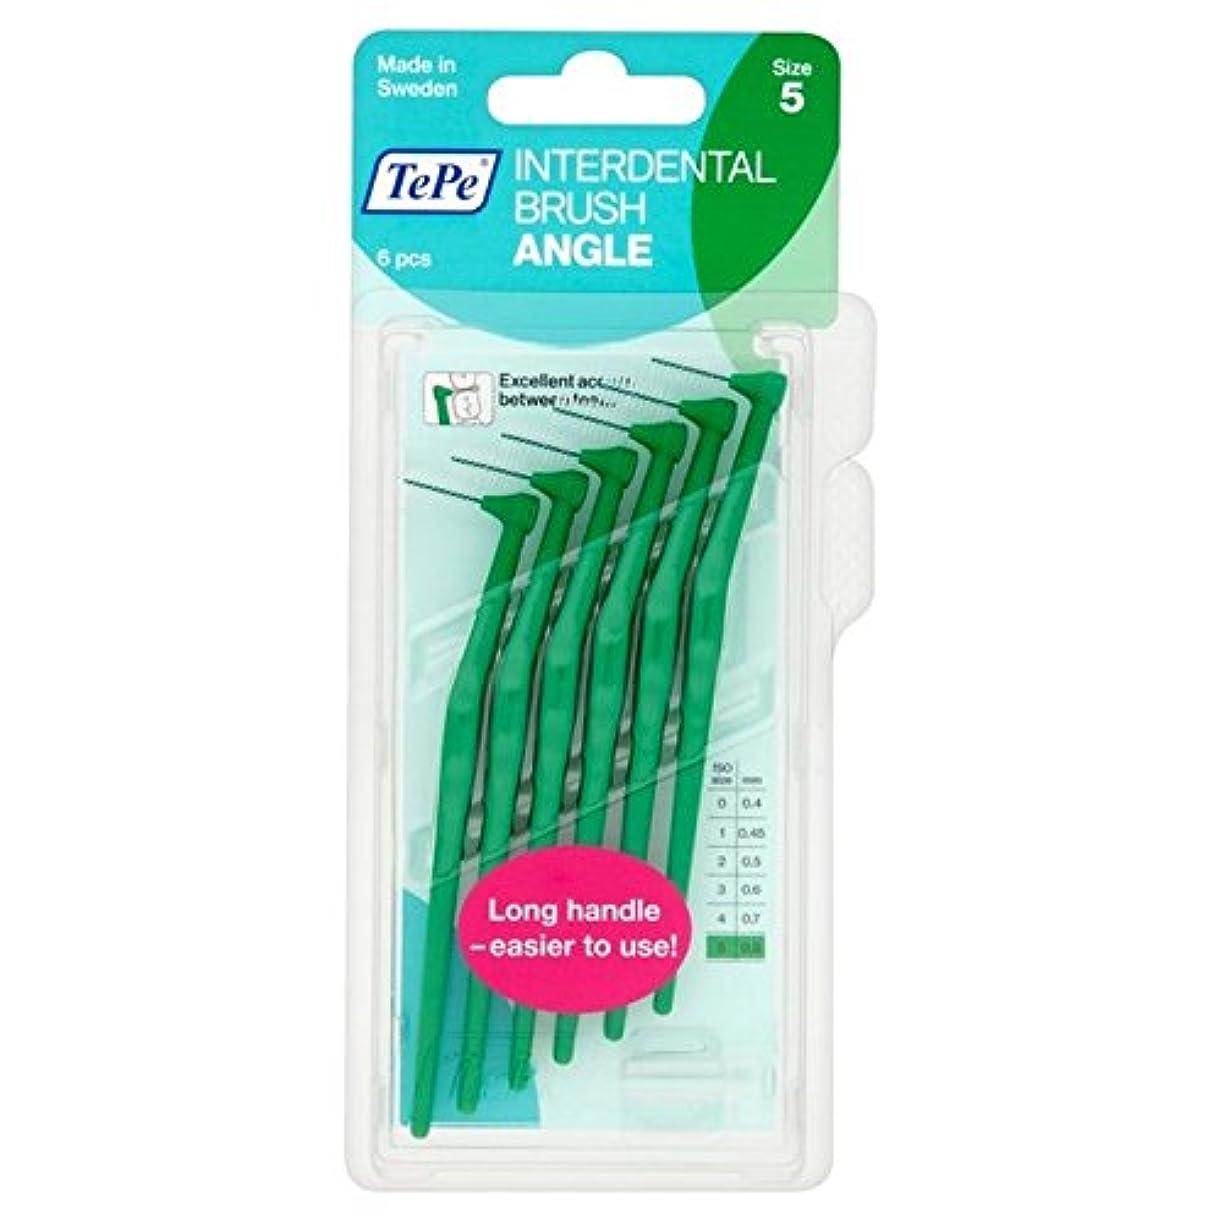 新しさ美徳ロックパックあたり6 0.8ミリメートル緑テペ角度 x2 - TePe Angle Green 0.8mm 6 per pack (Pack of 2) [並行輸入品]